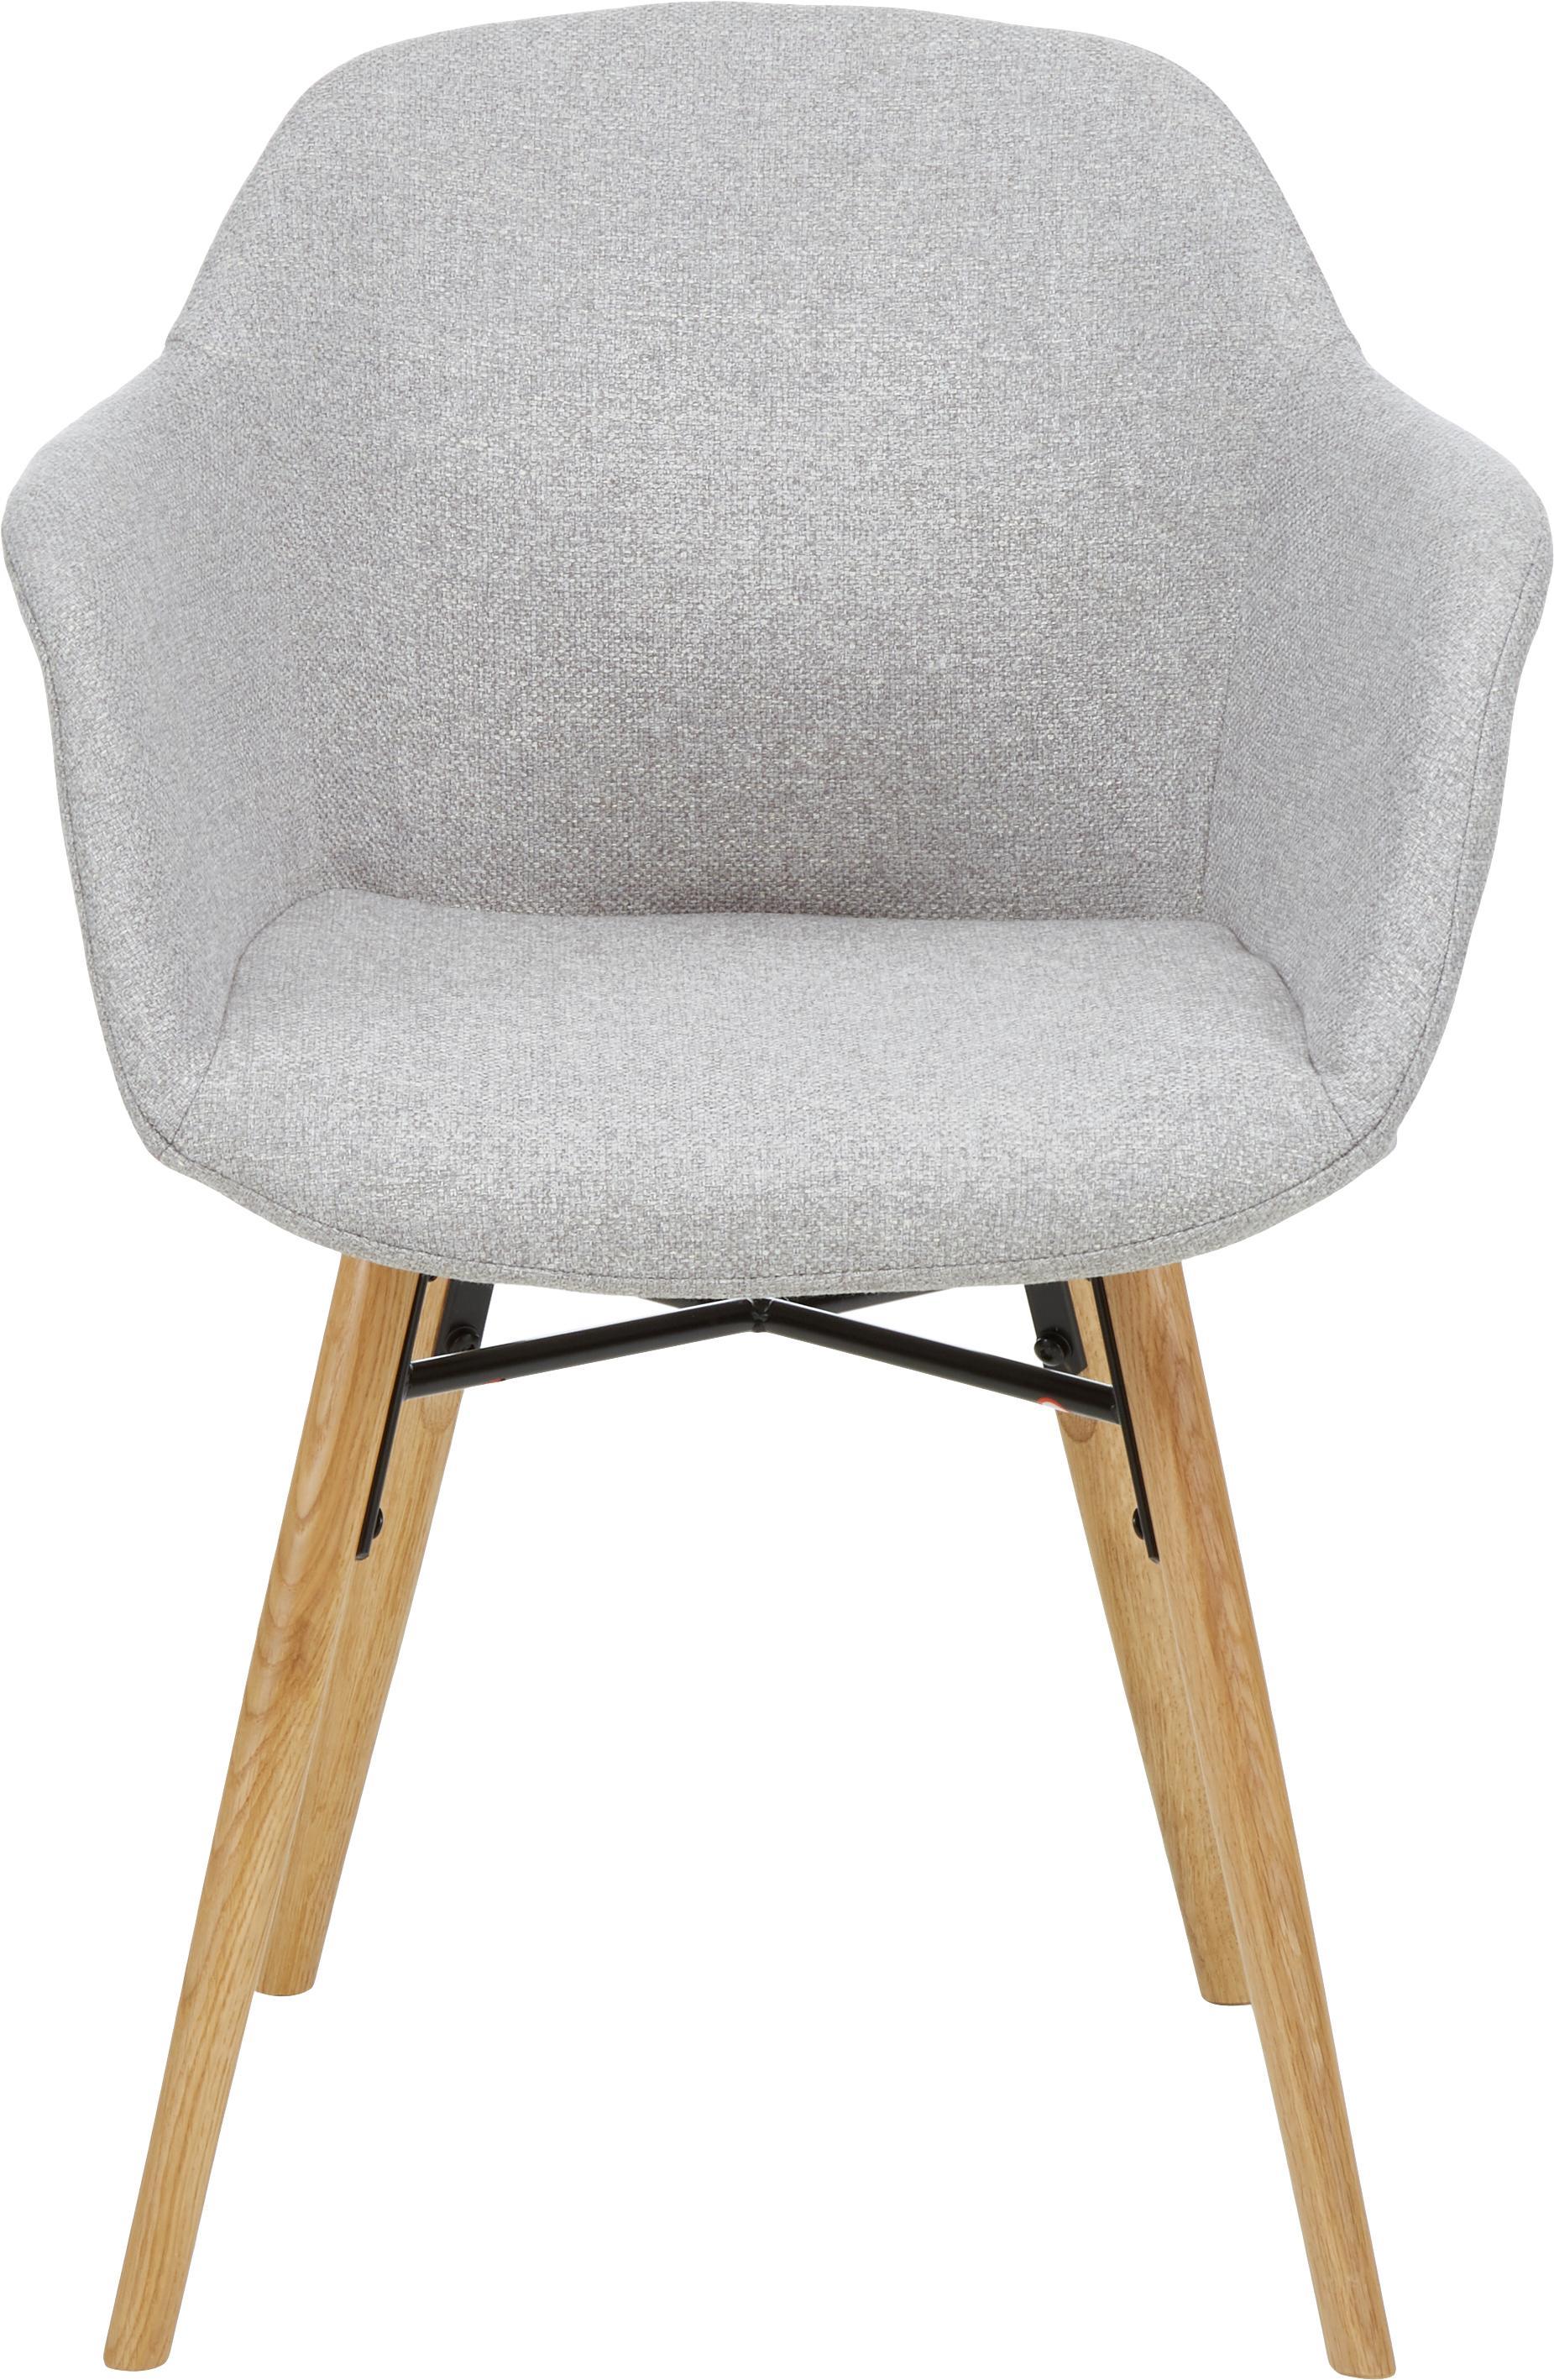 Armlehnstuhl Fiji mit Holzbeinen, Bezug: Polyester Der hochwertige, Beine: Massives Eichenholz, Webstoff Hellgrau, B 59 x T 55 cm